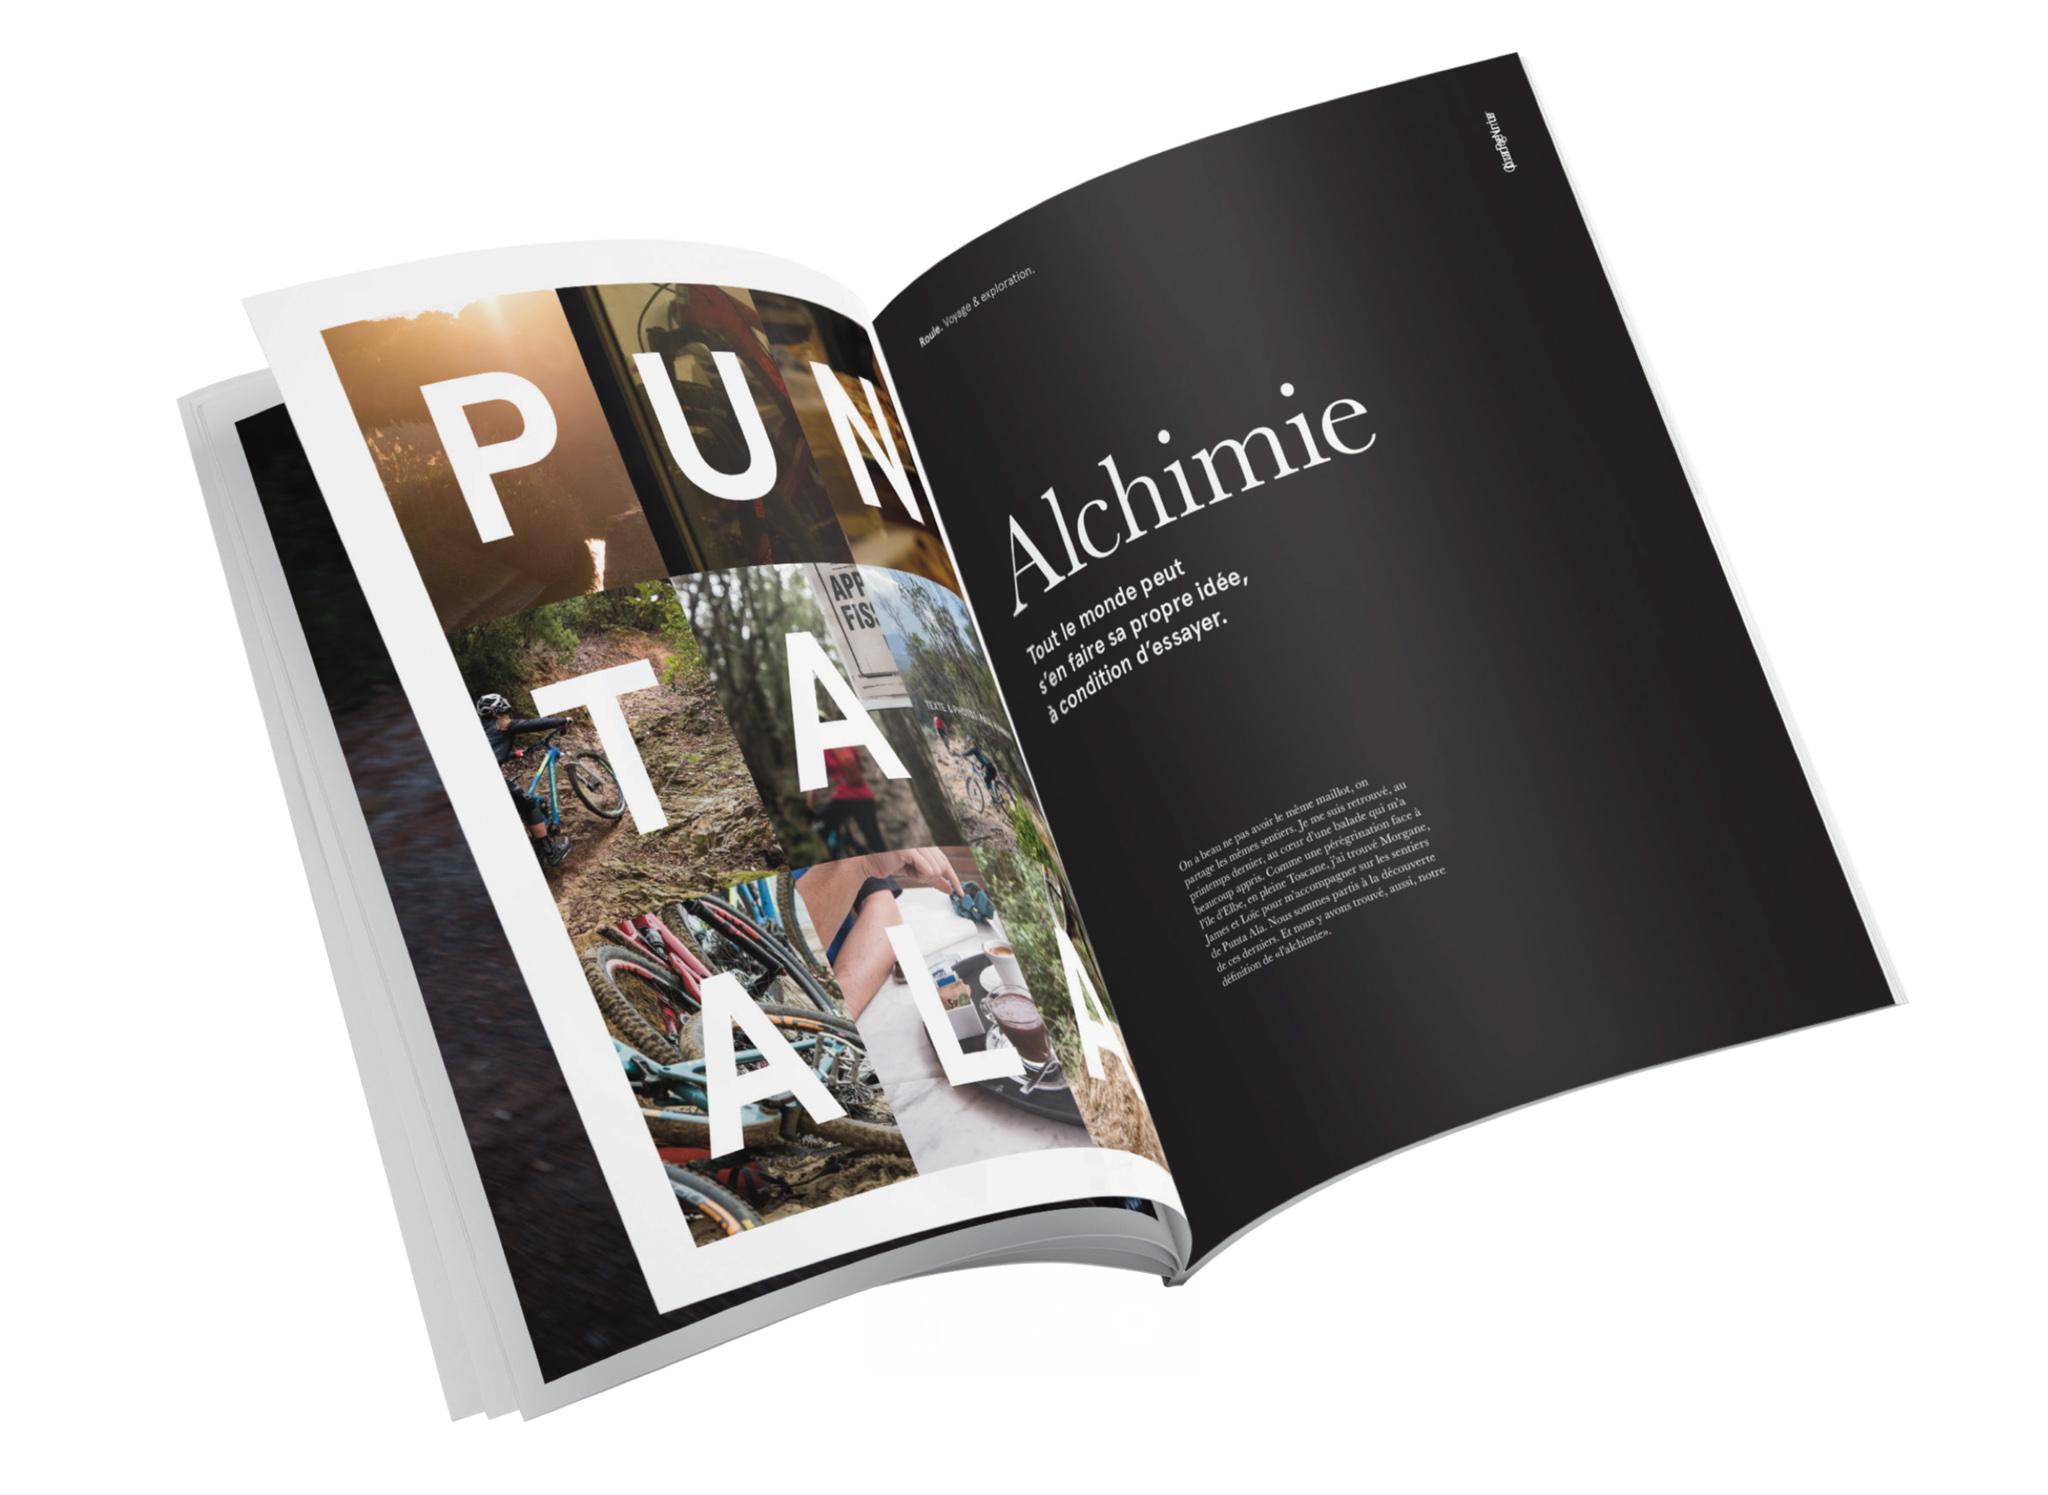 vojo-magazine-volume-1-2017-vojo-paul-hu